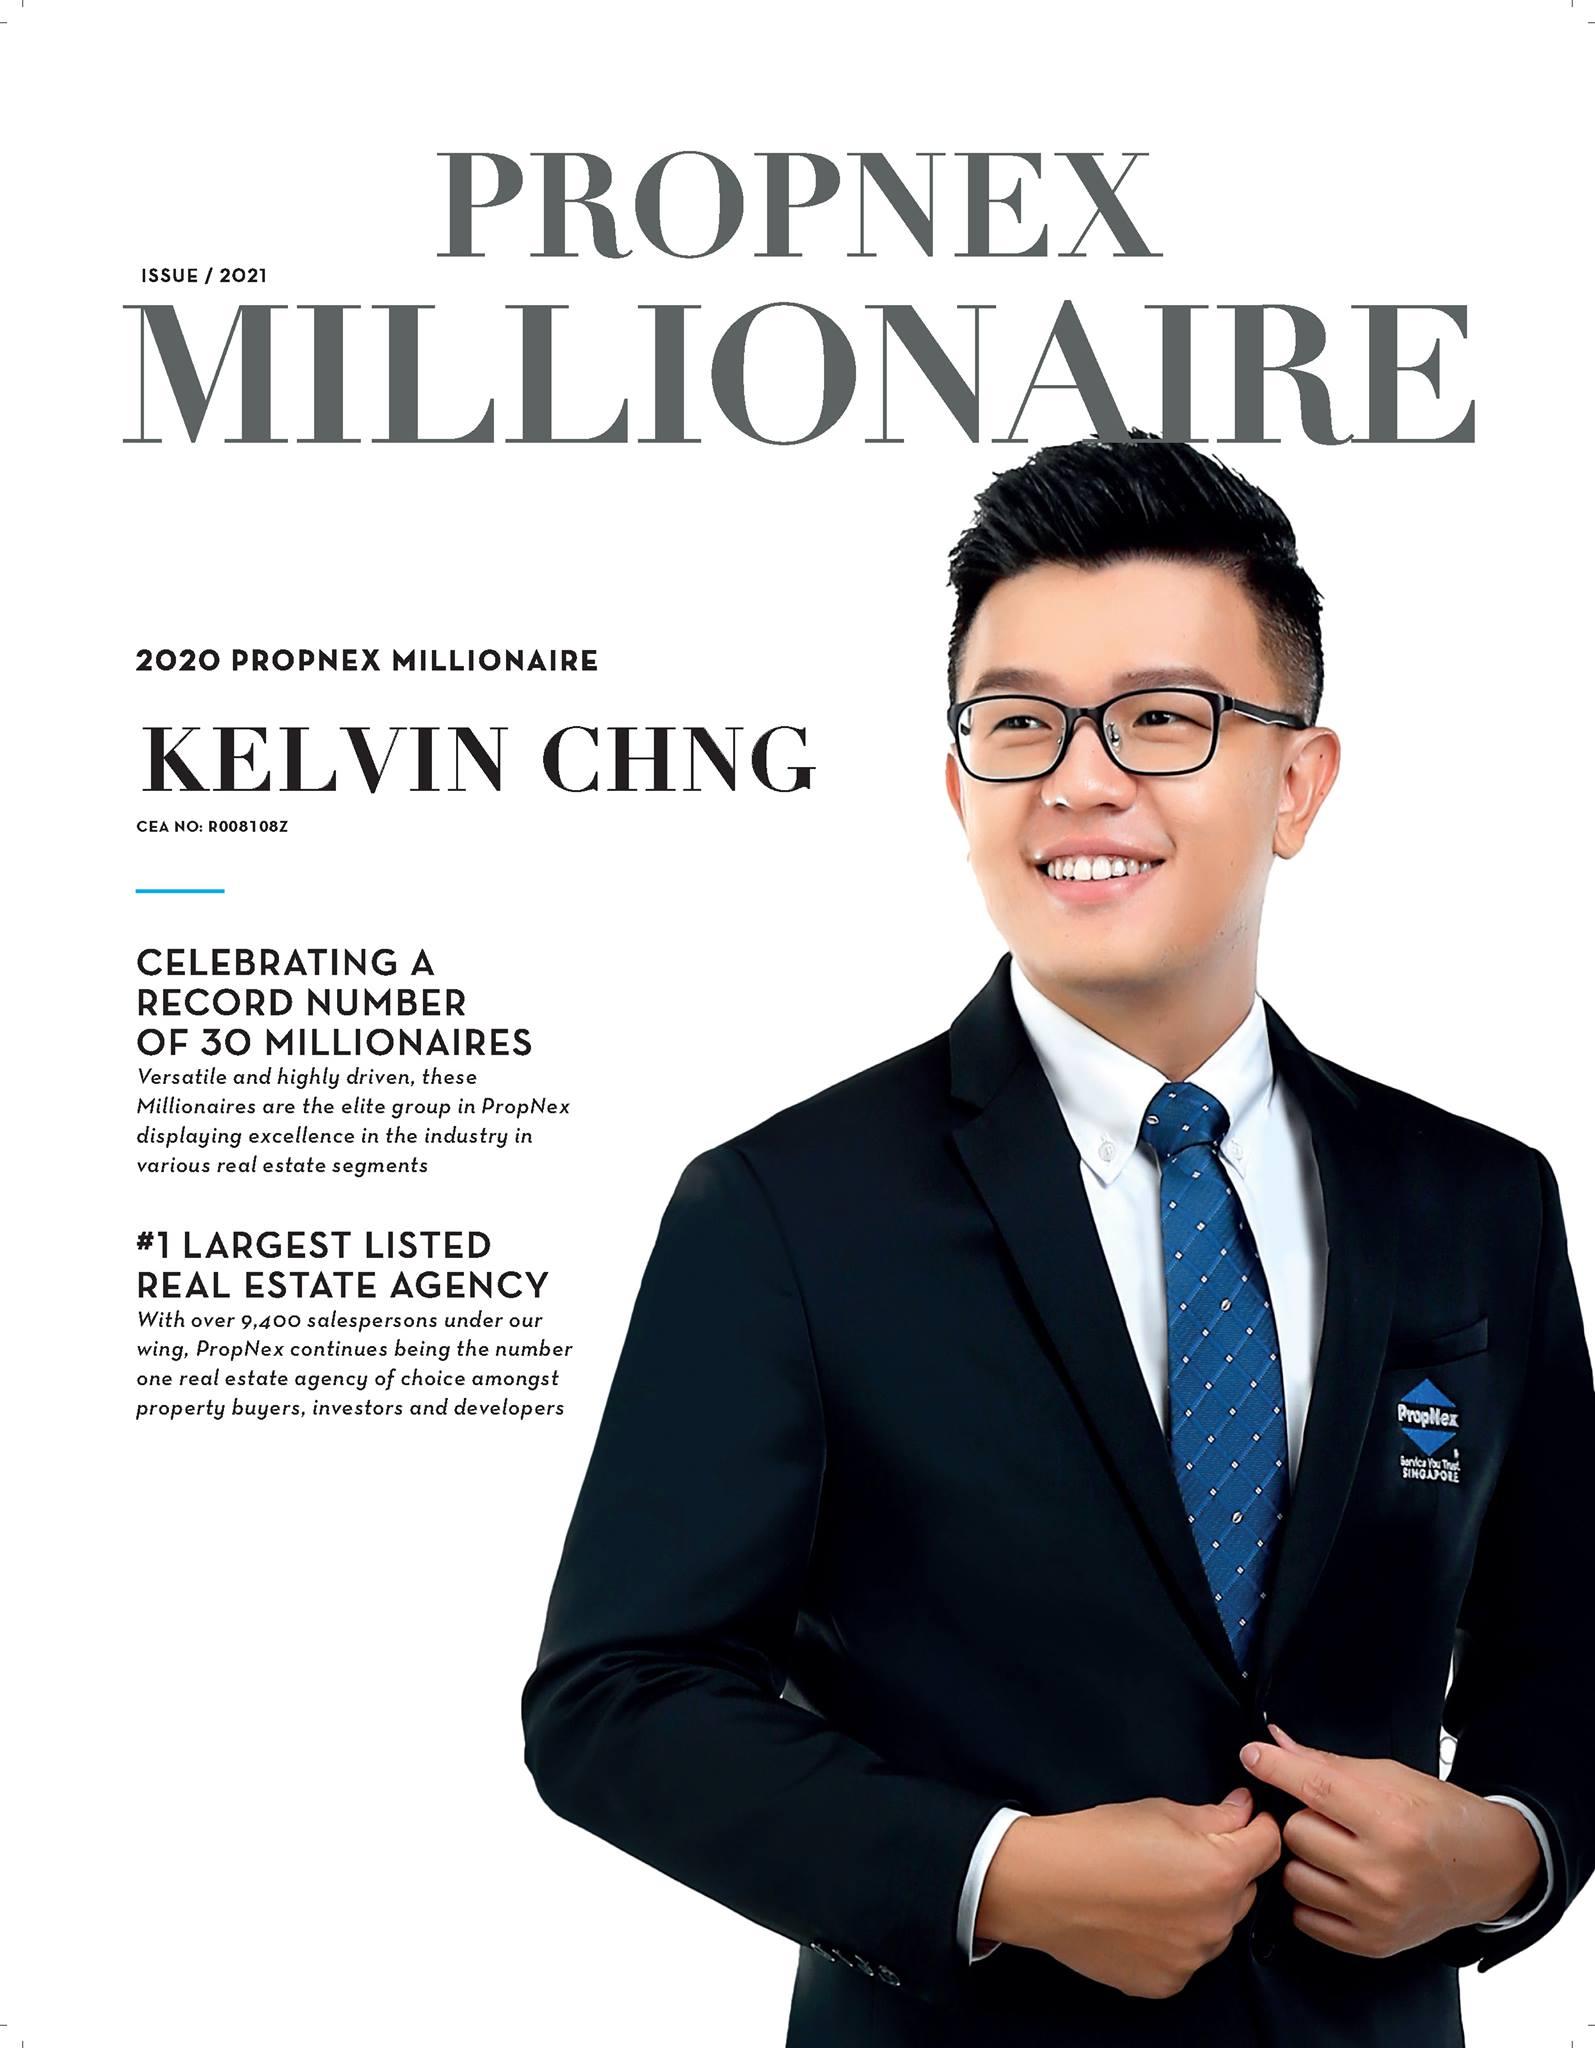 Kelvin_chng_propnex_millionaire_leader